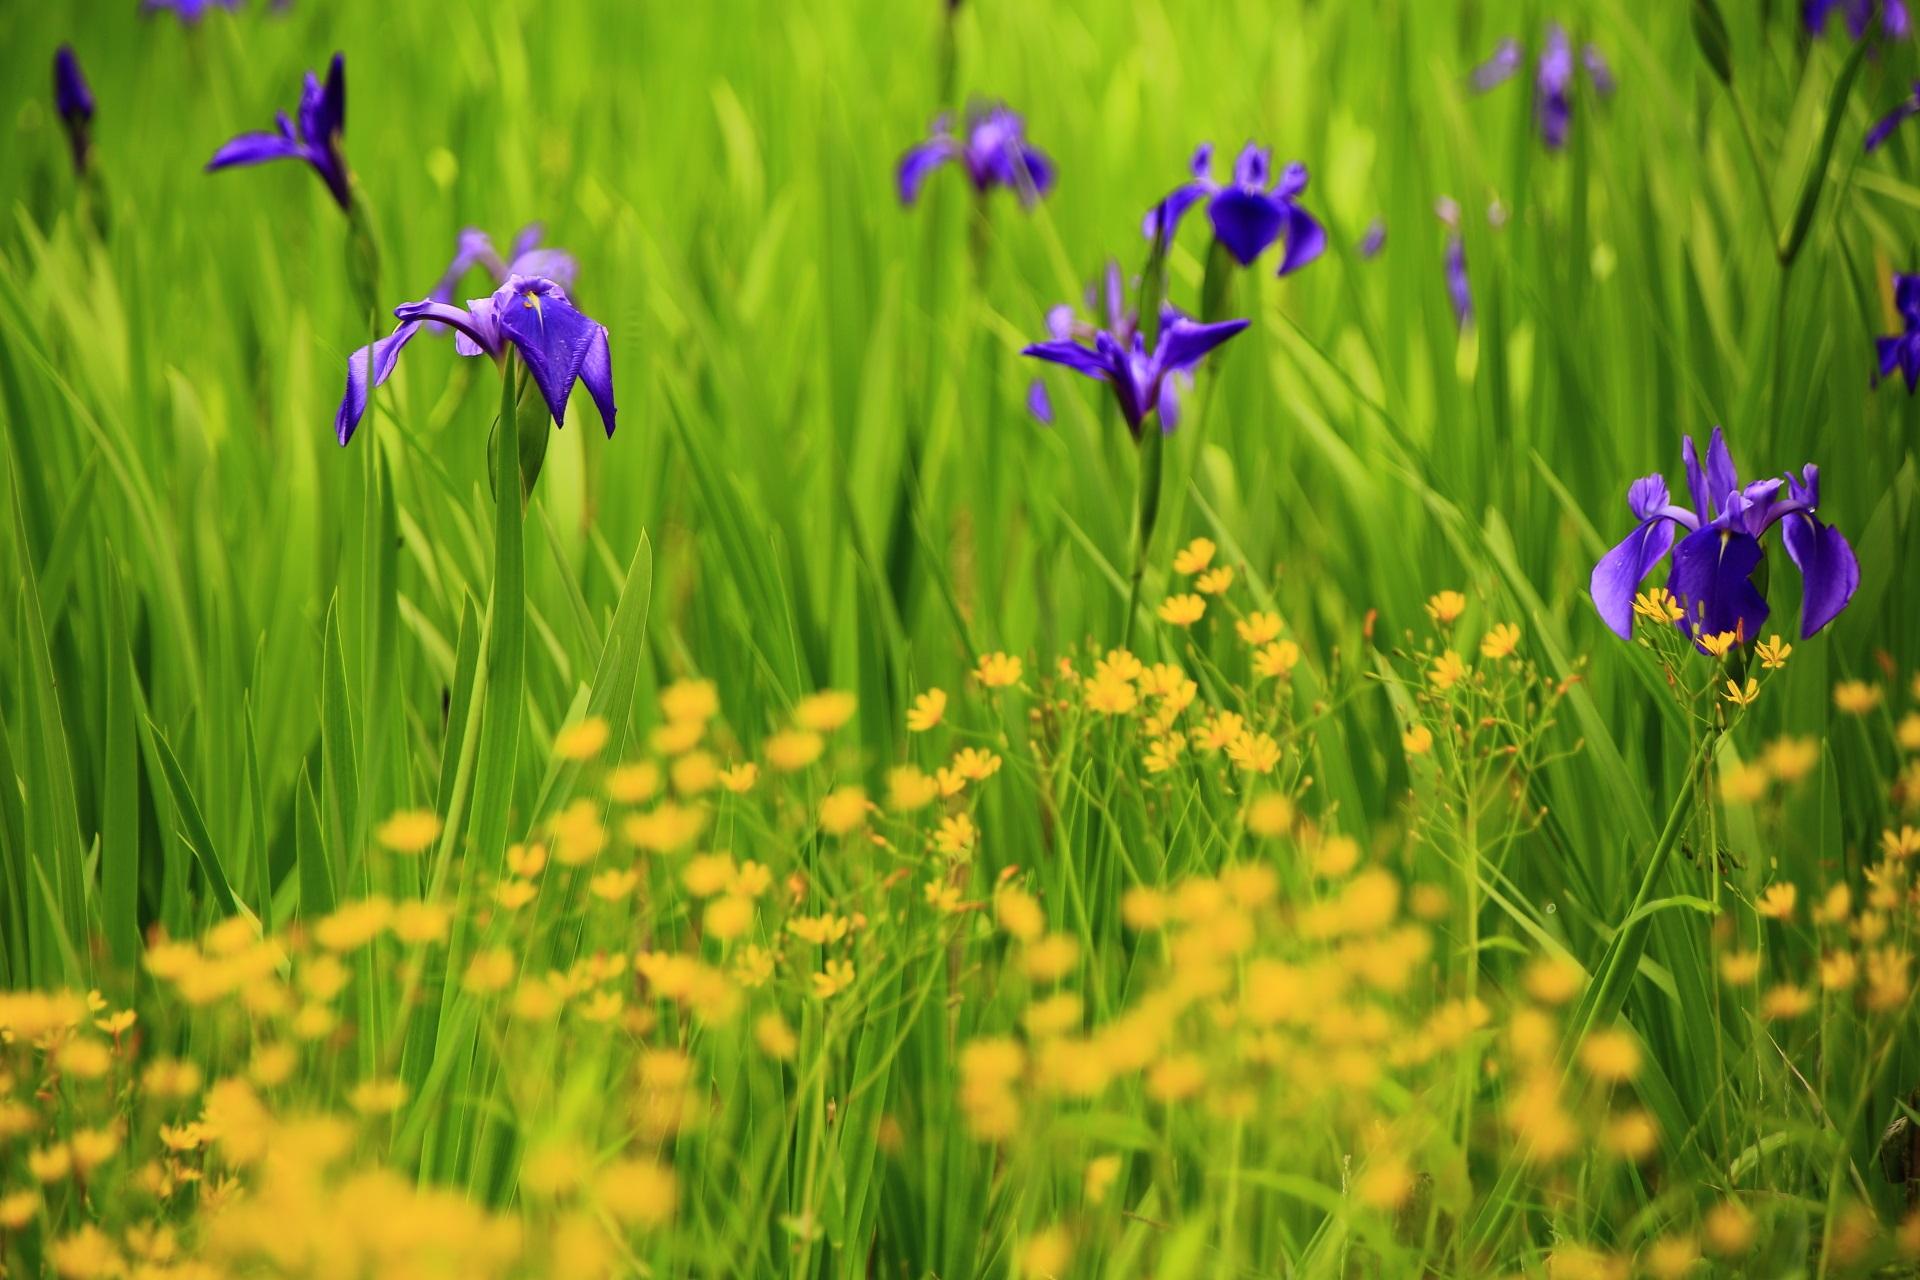 大田神社の黄色い花と紫の杜若の花のコラボレーション